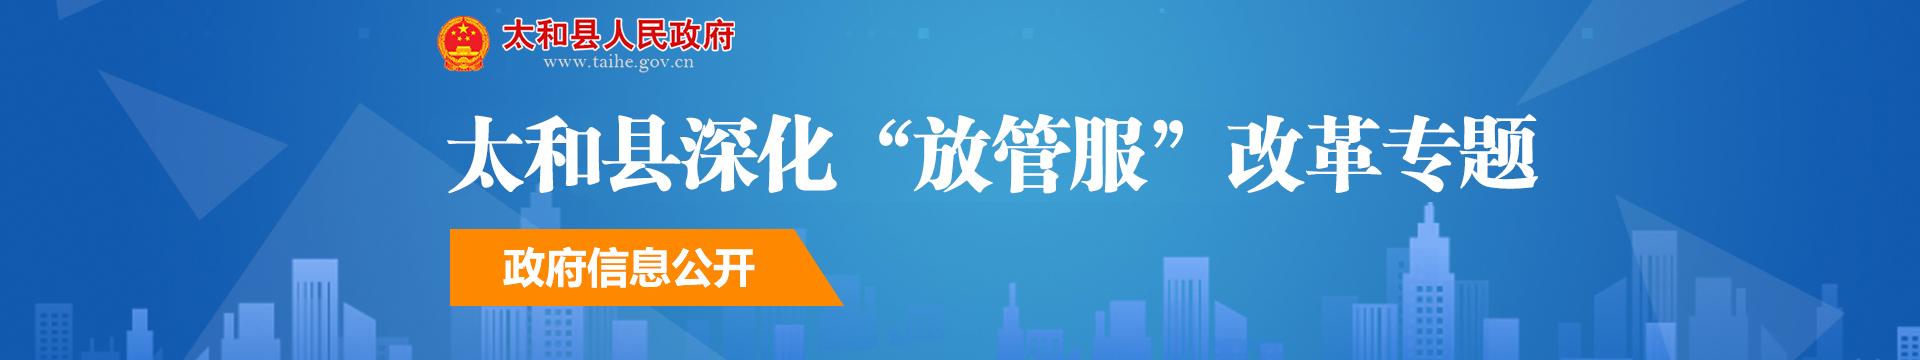 """深化""""放管服""""改革"""